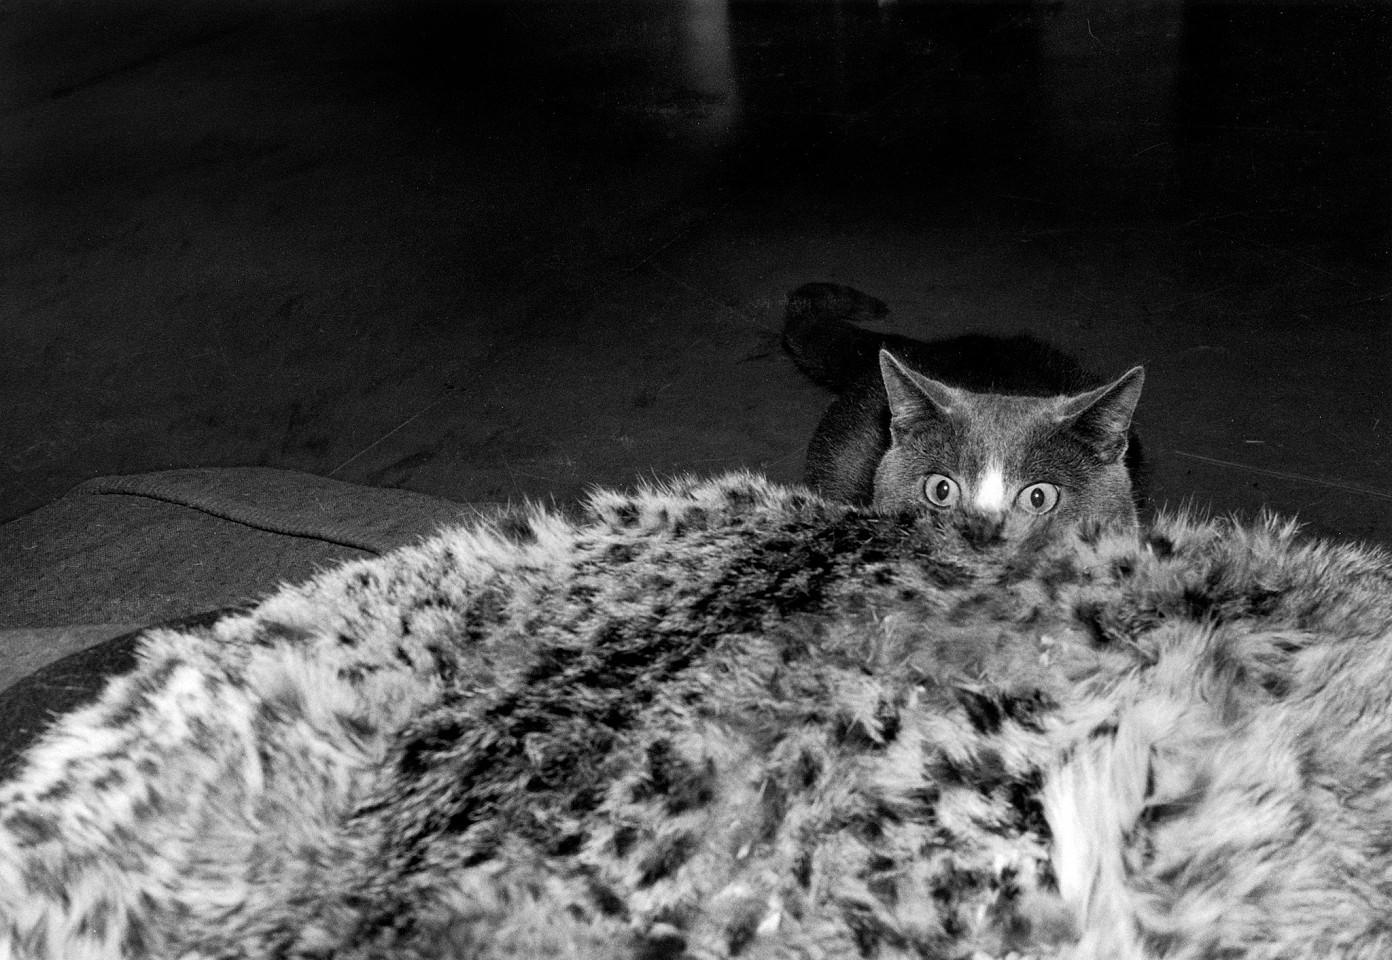 Притаившийся кот. Автор Тони Мендоса